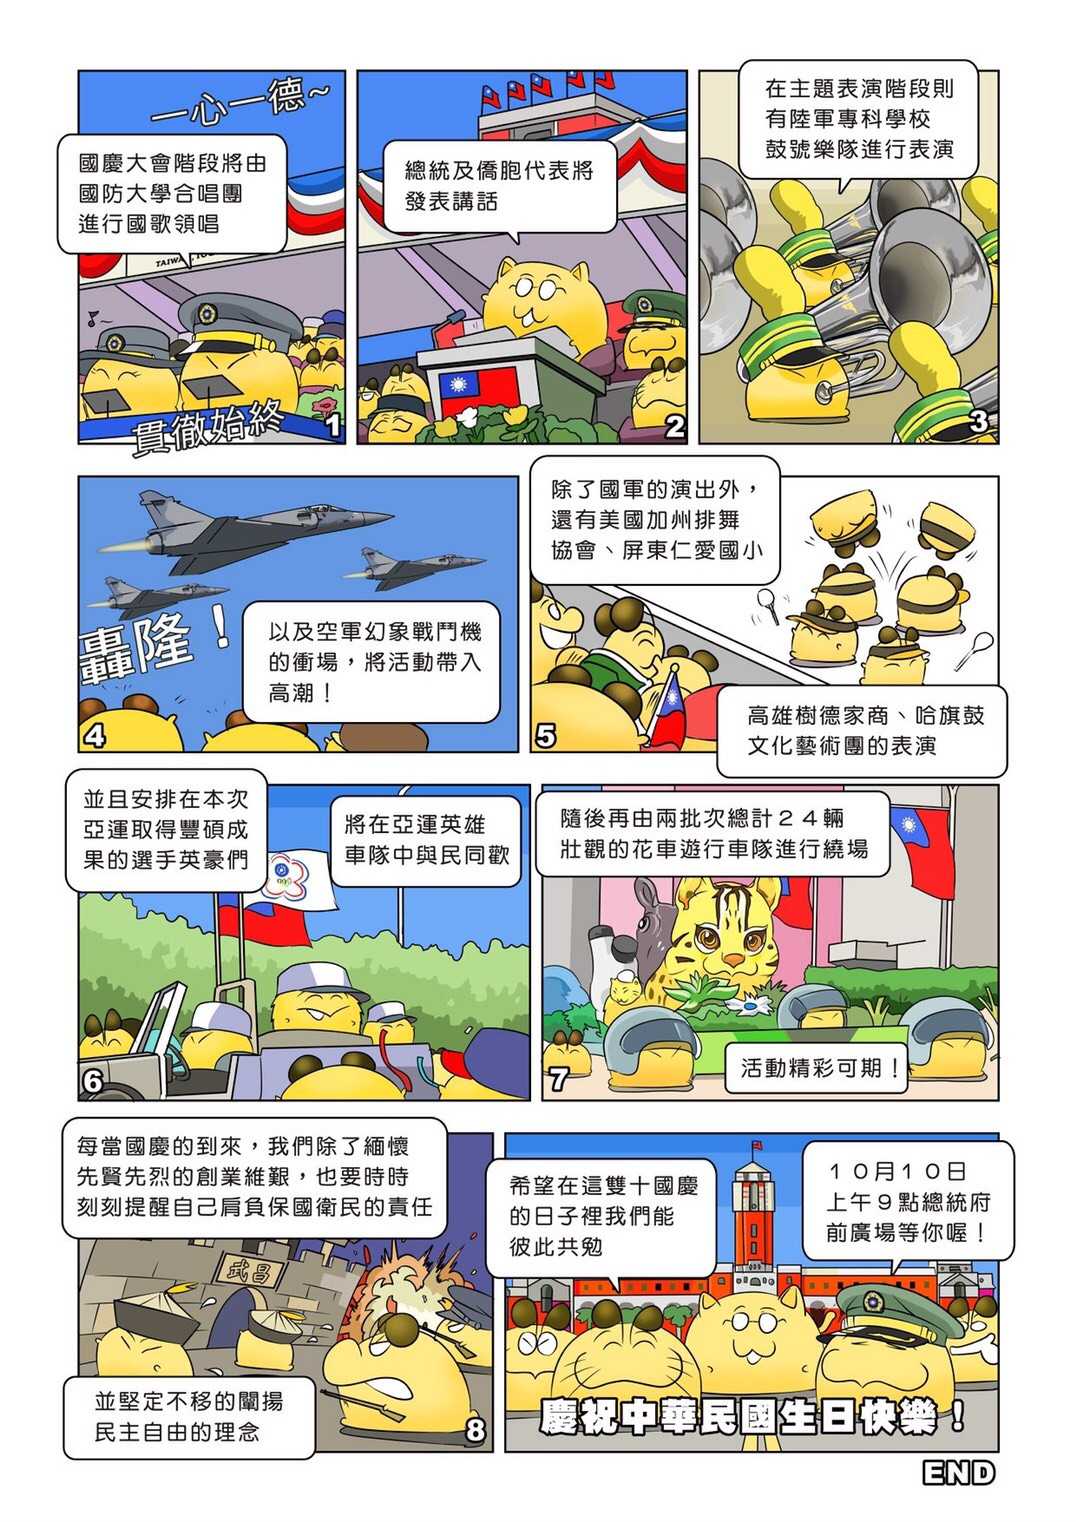 國防Online漫畫第32期—歡慶雙十,幸福共好02.jpg